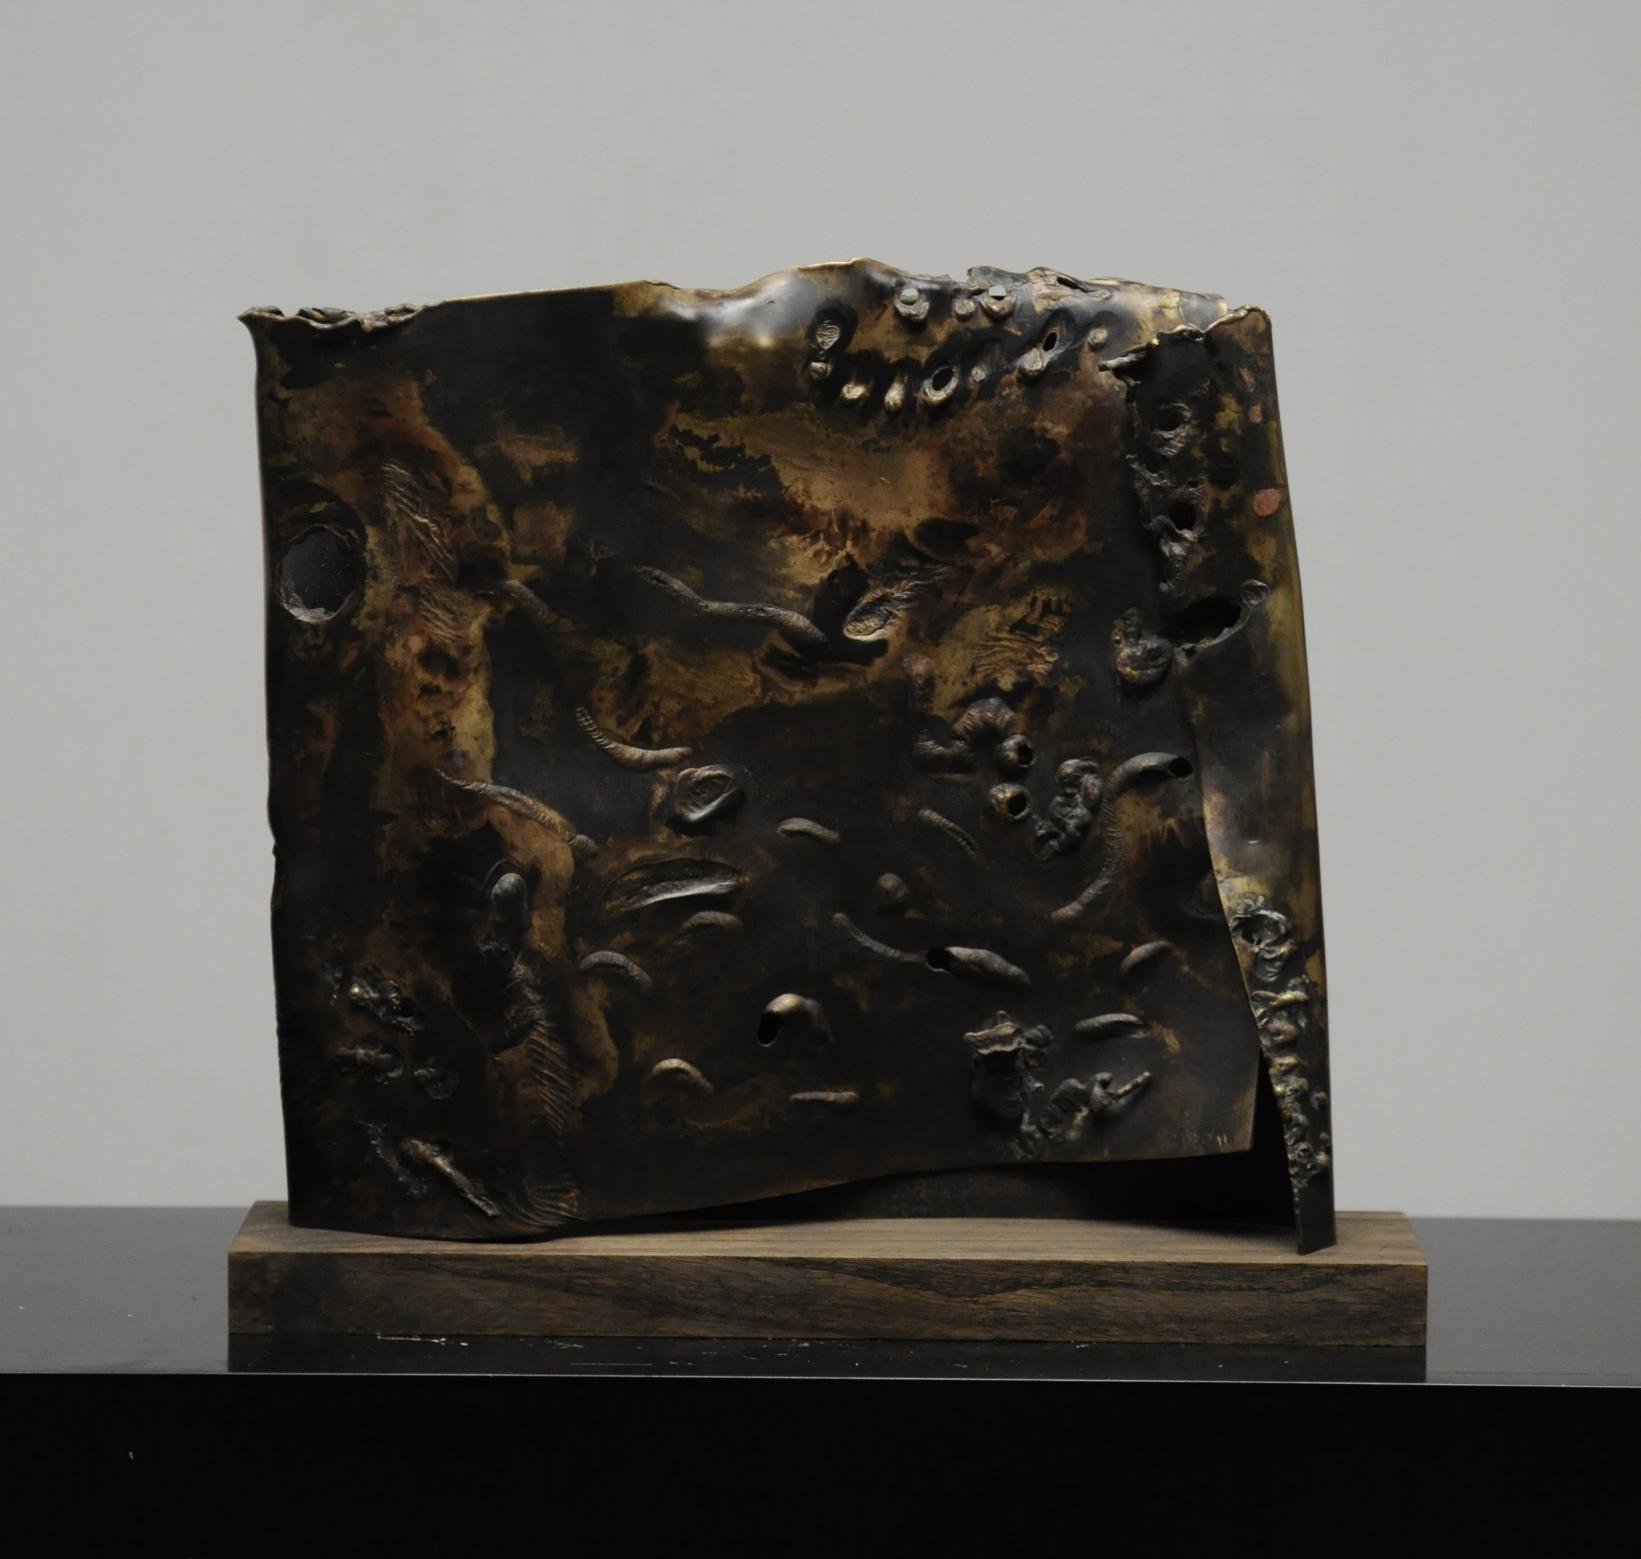 brass sculpture ''Through time''